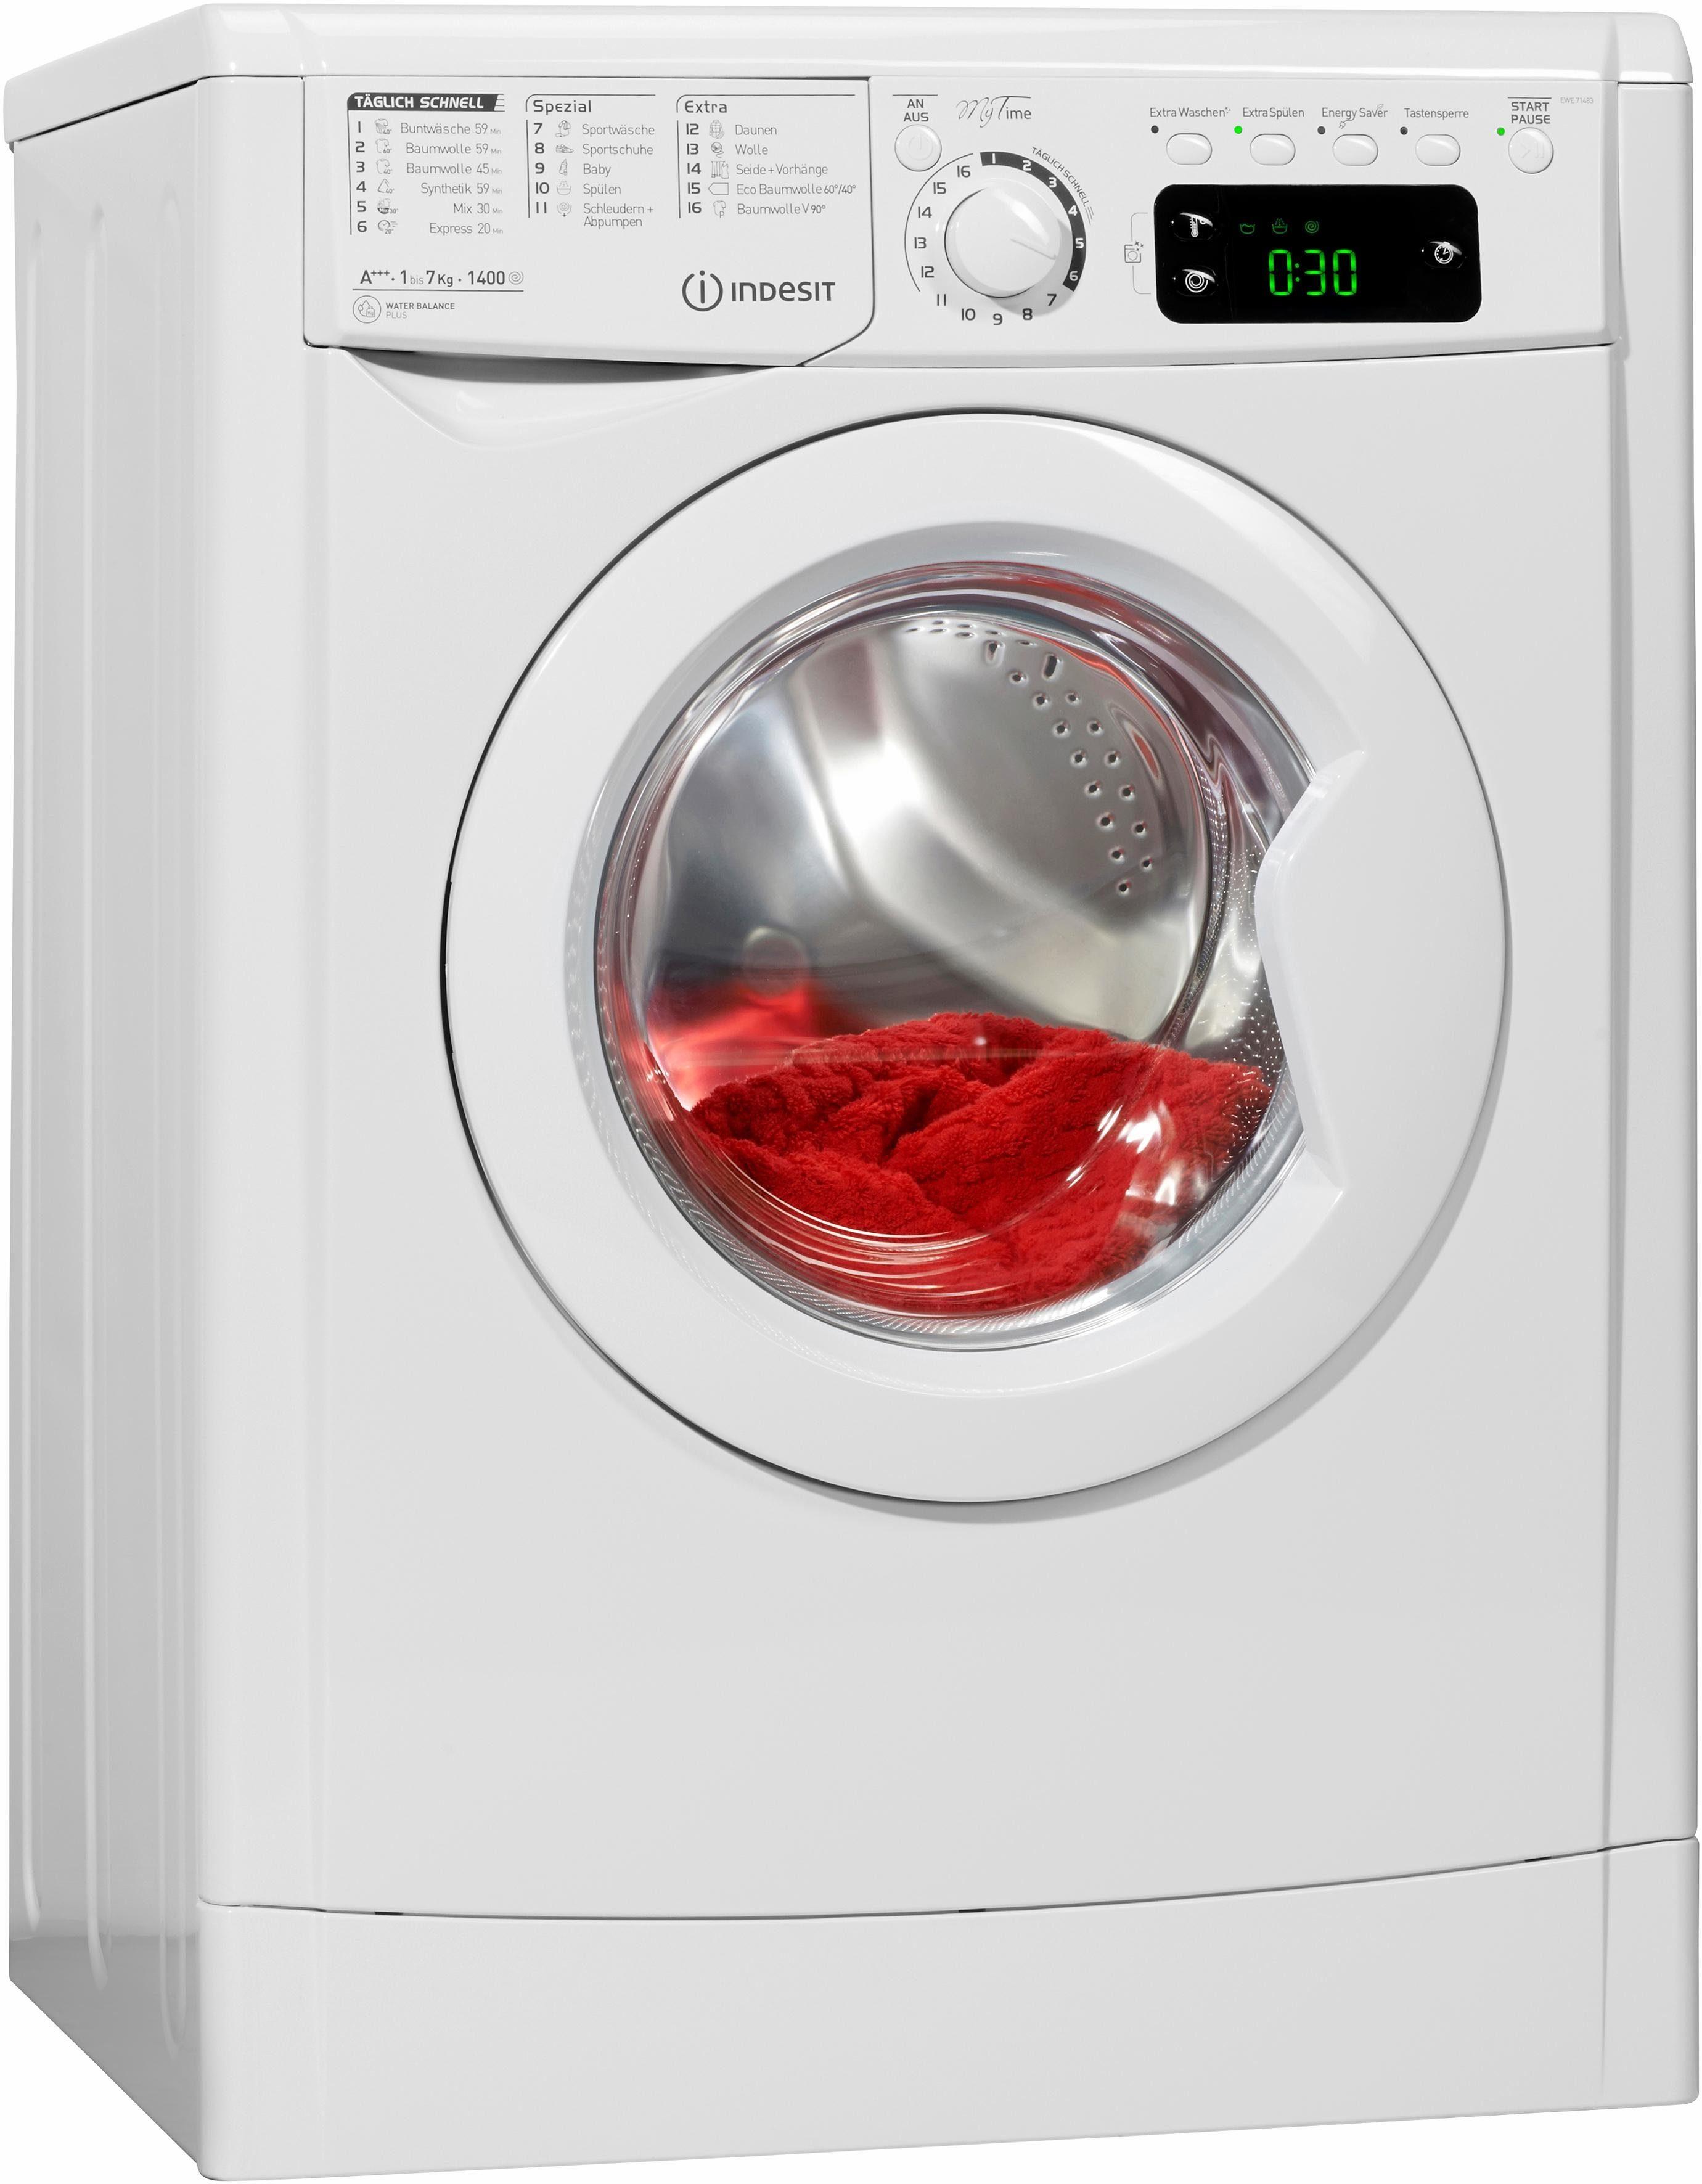 Indesit Waschmaschine EWE 71483 W DE, A+++, 7 kg, 1400 U/Min